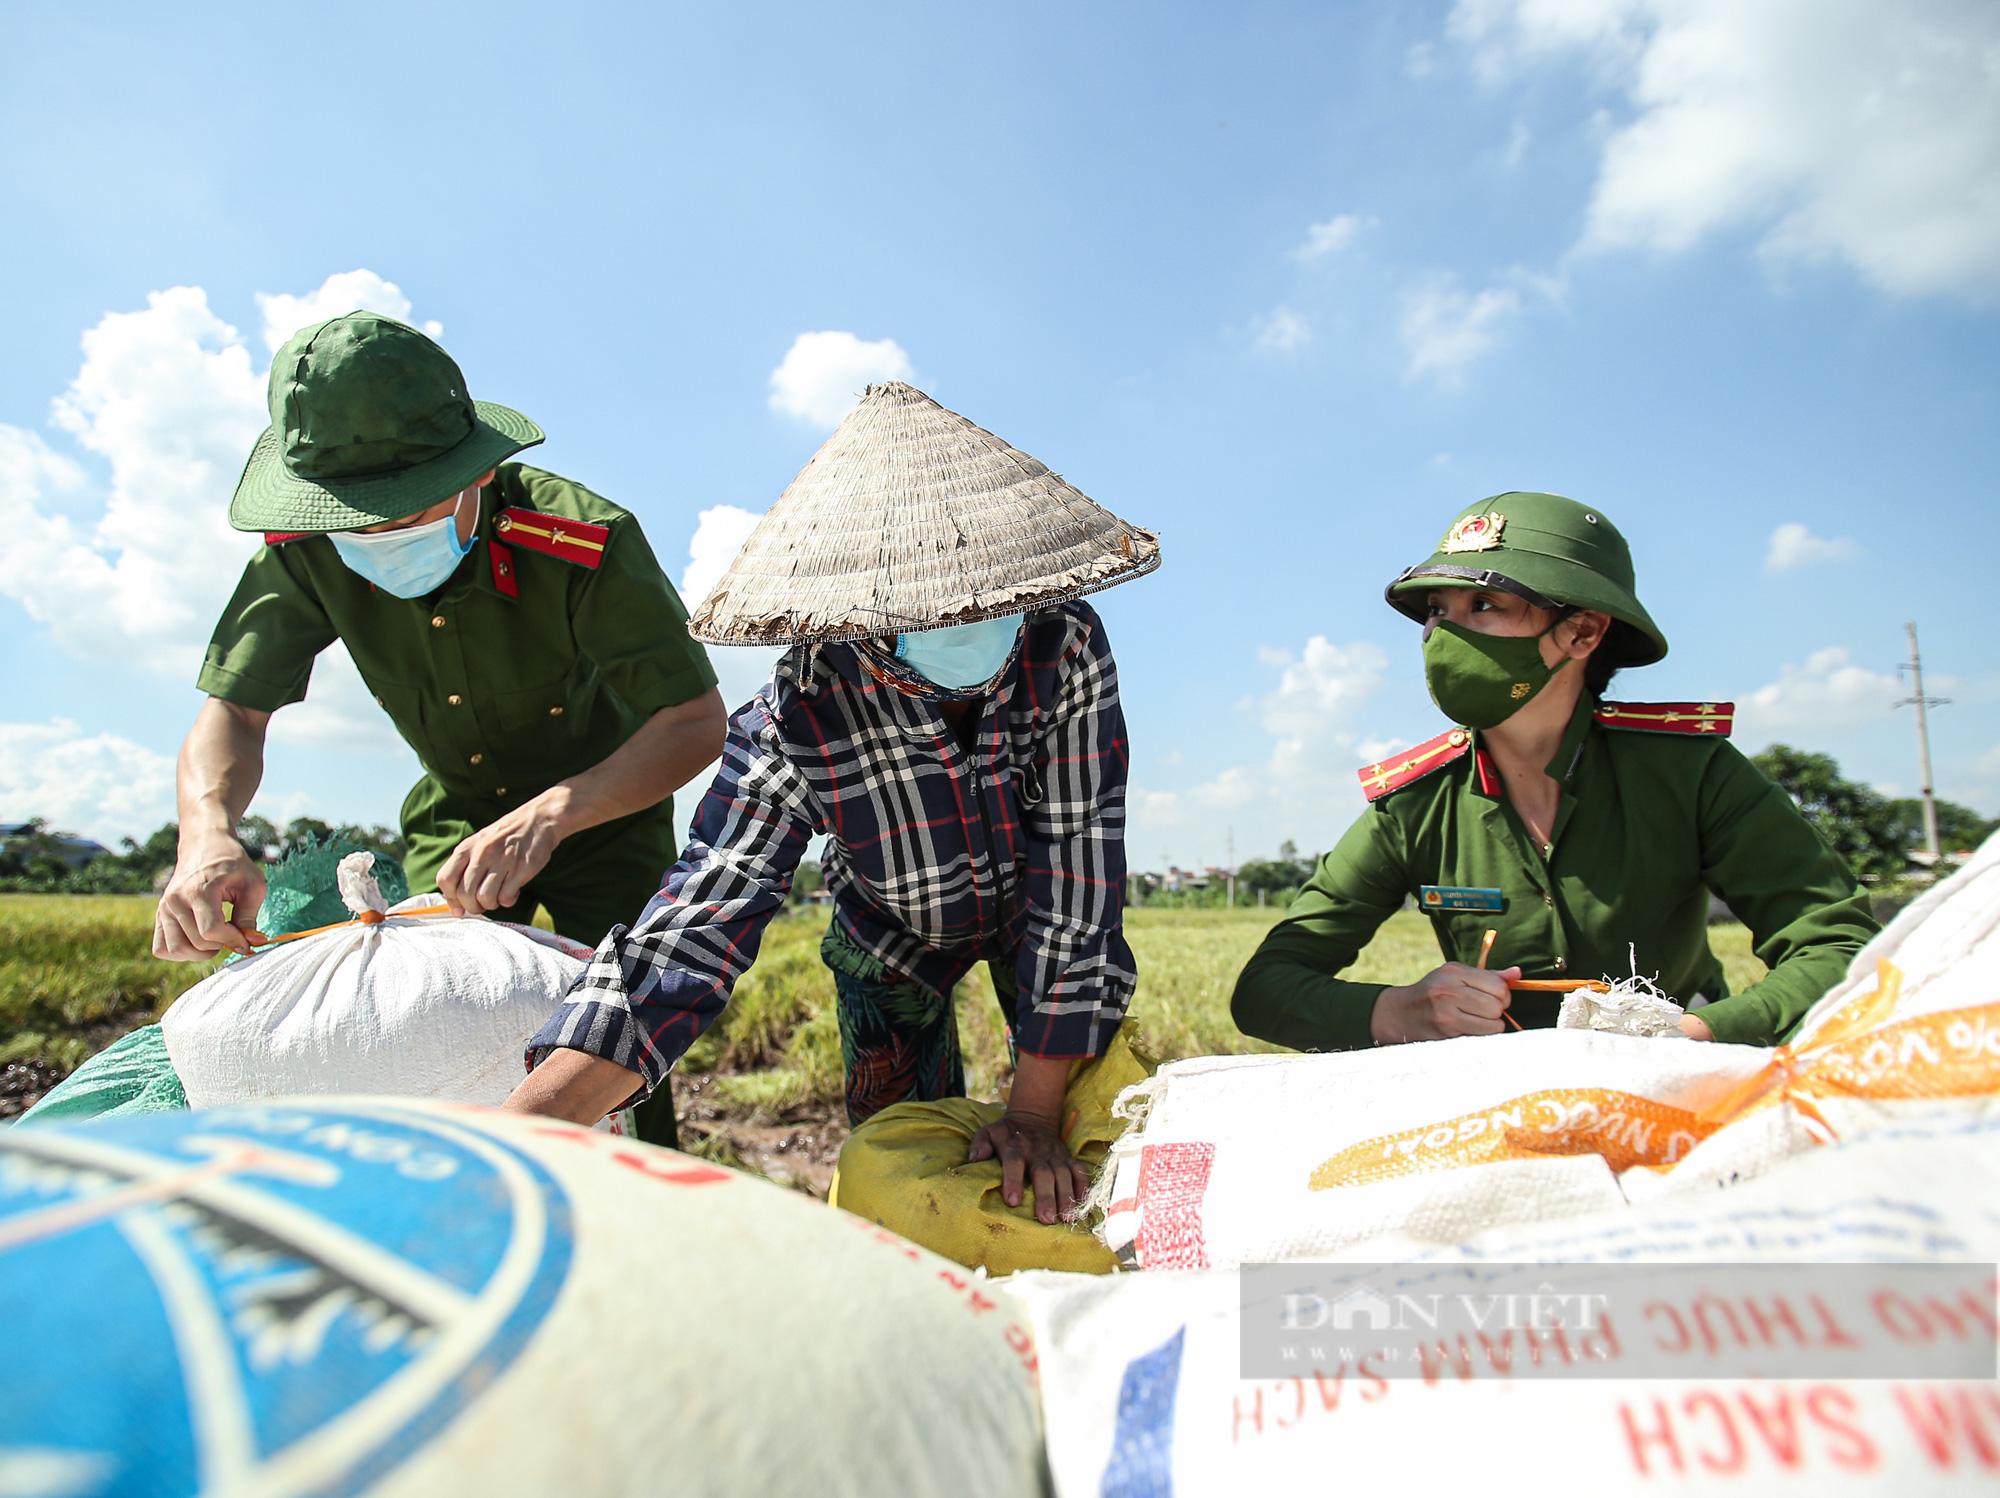 Hình ảnh chiến sĩ công an lội ruộng, ăn cơm vội để thu hoạch lúa giúp 141 hộ ở vùng cách ly y tế - Ảnh 2.